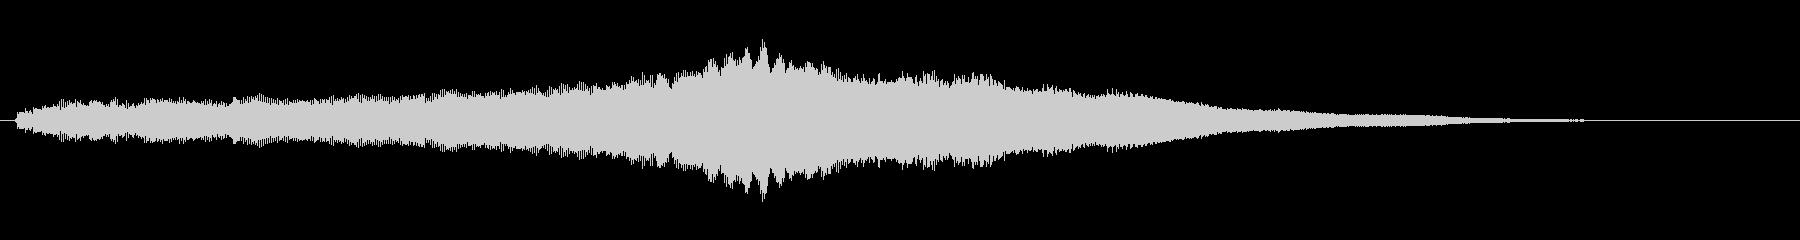 素材 オルガンスウェルメジャー02の未再生の波形